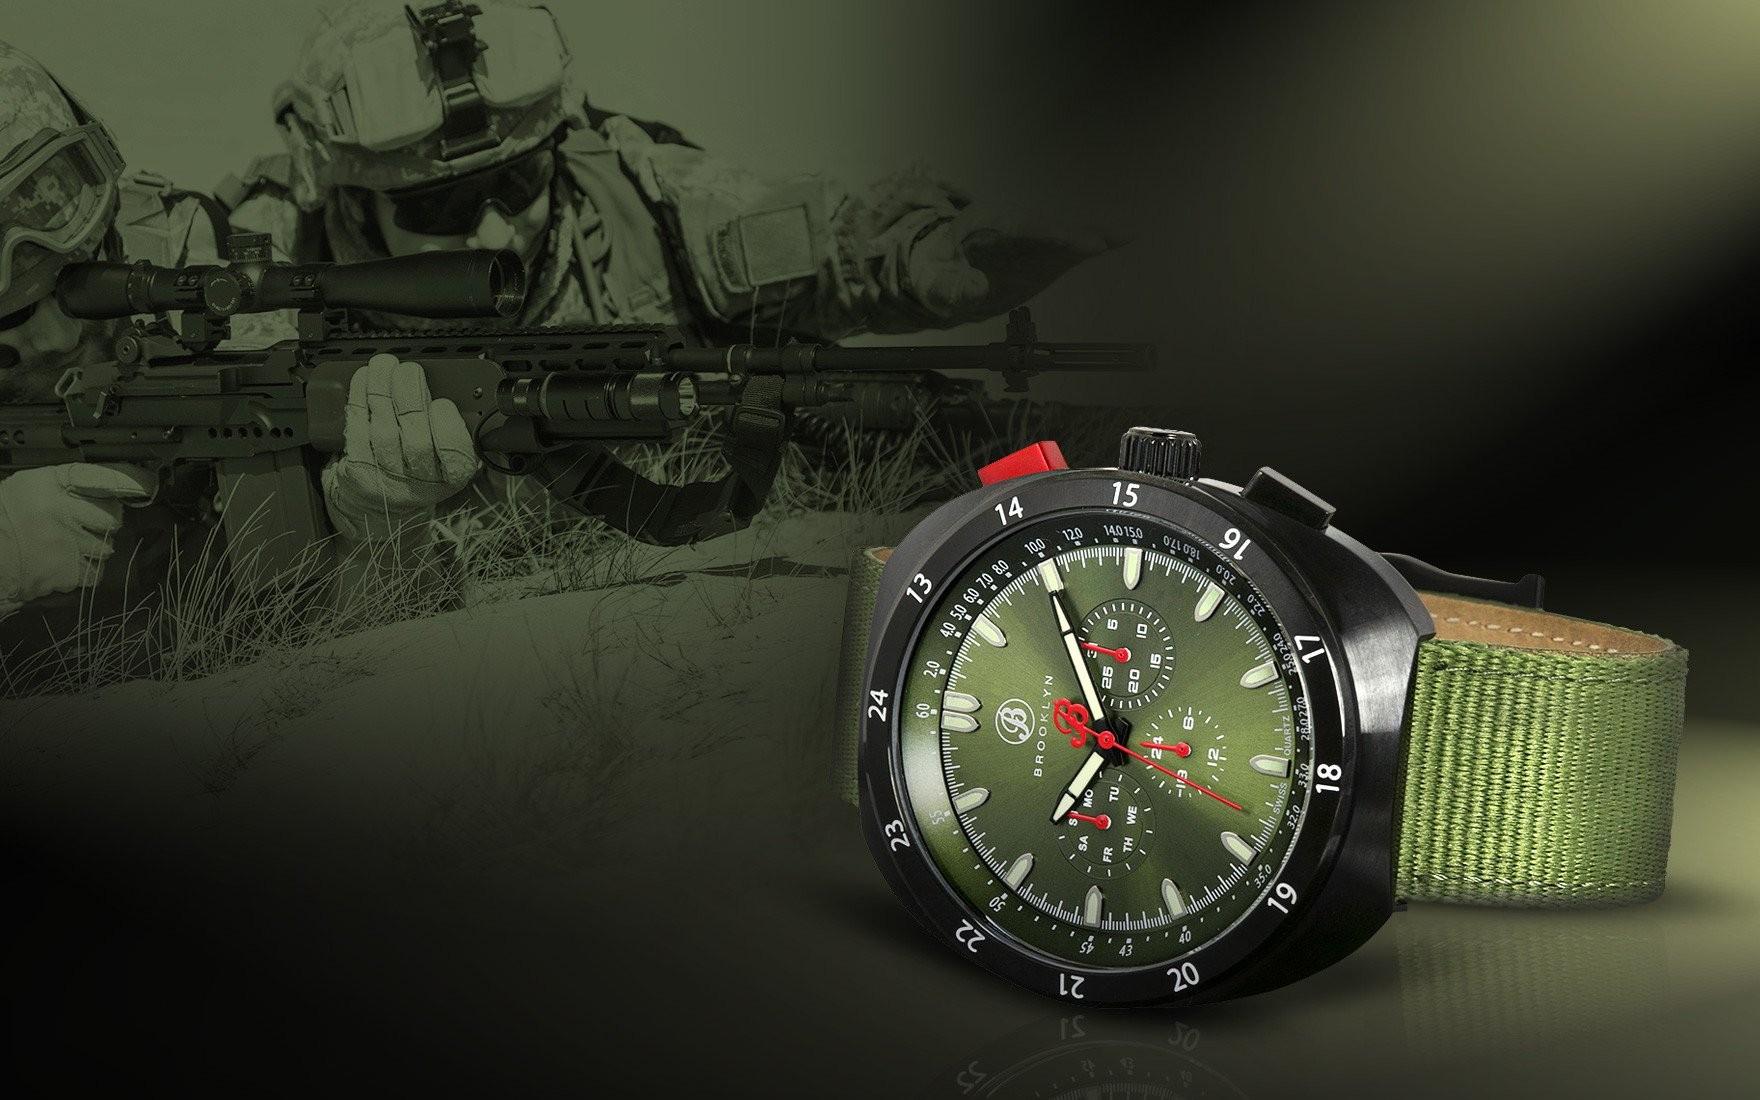 Cập nhật các mẫu đồng hồ Brooklyn Watch Co. đang giảm giá rất sâu tại Mỹ